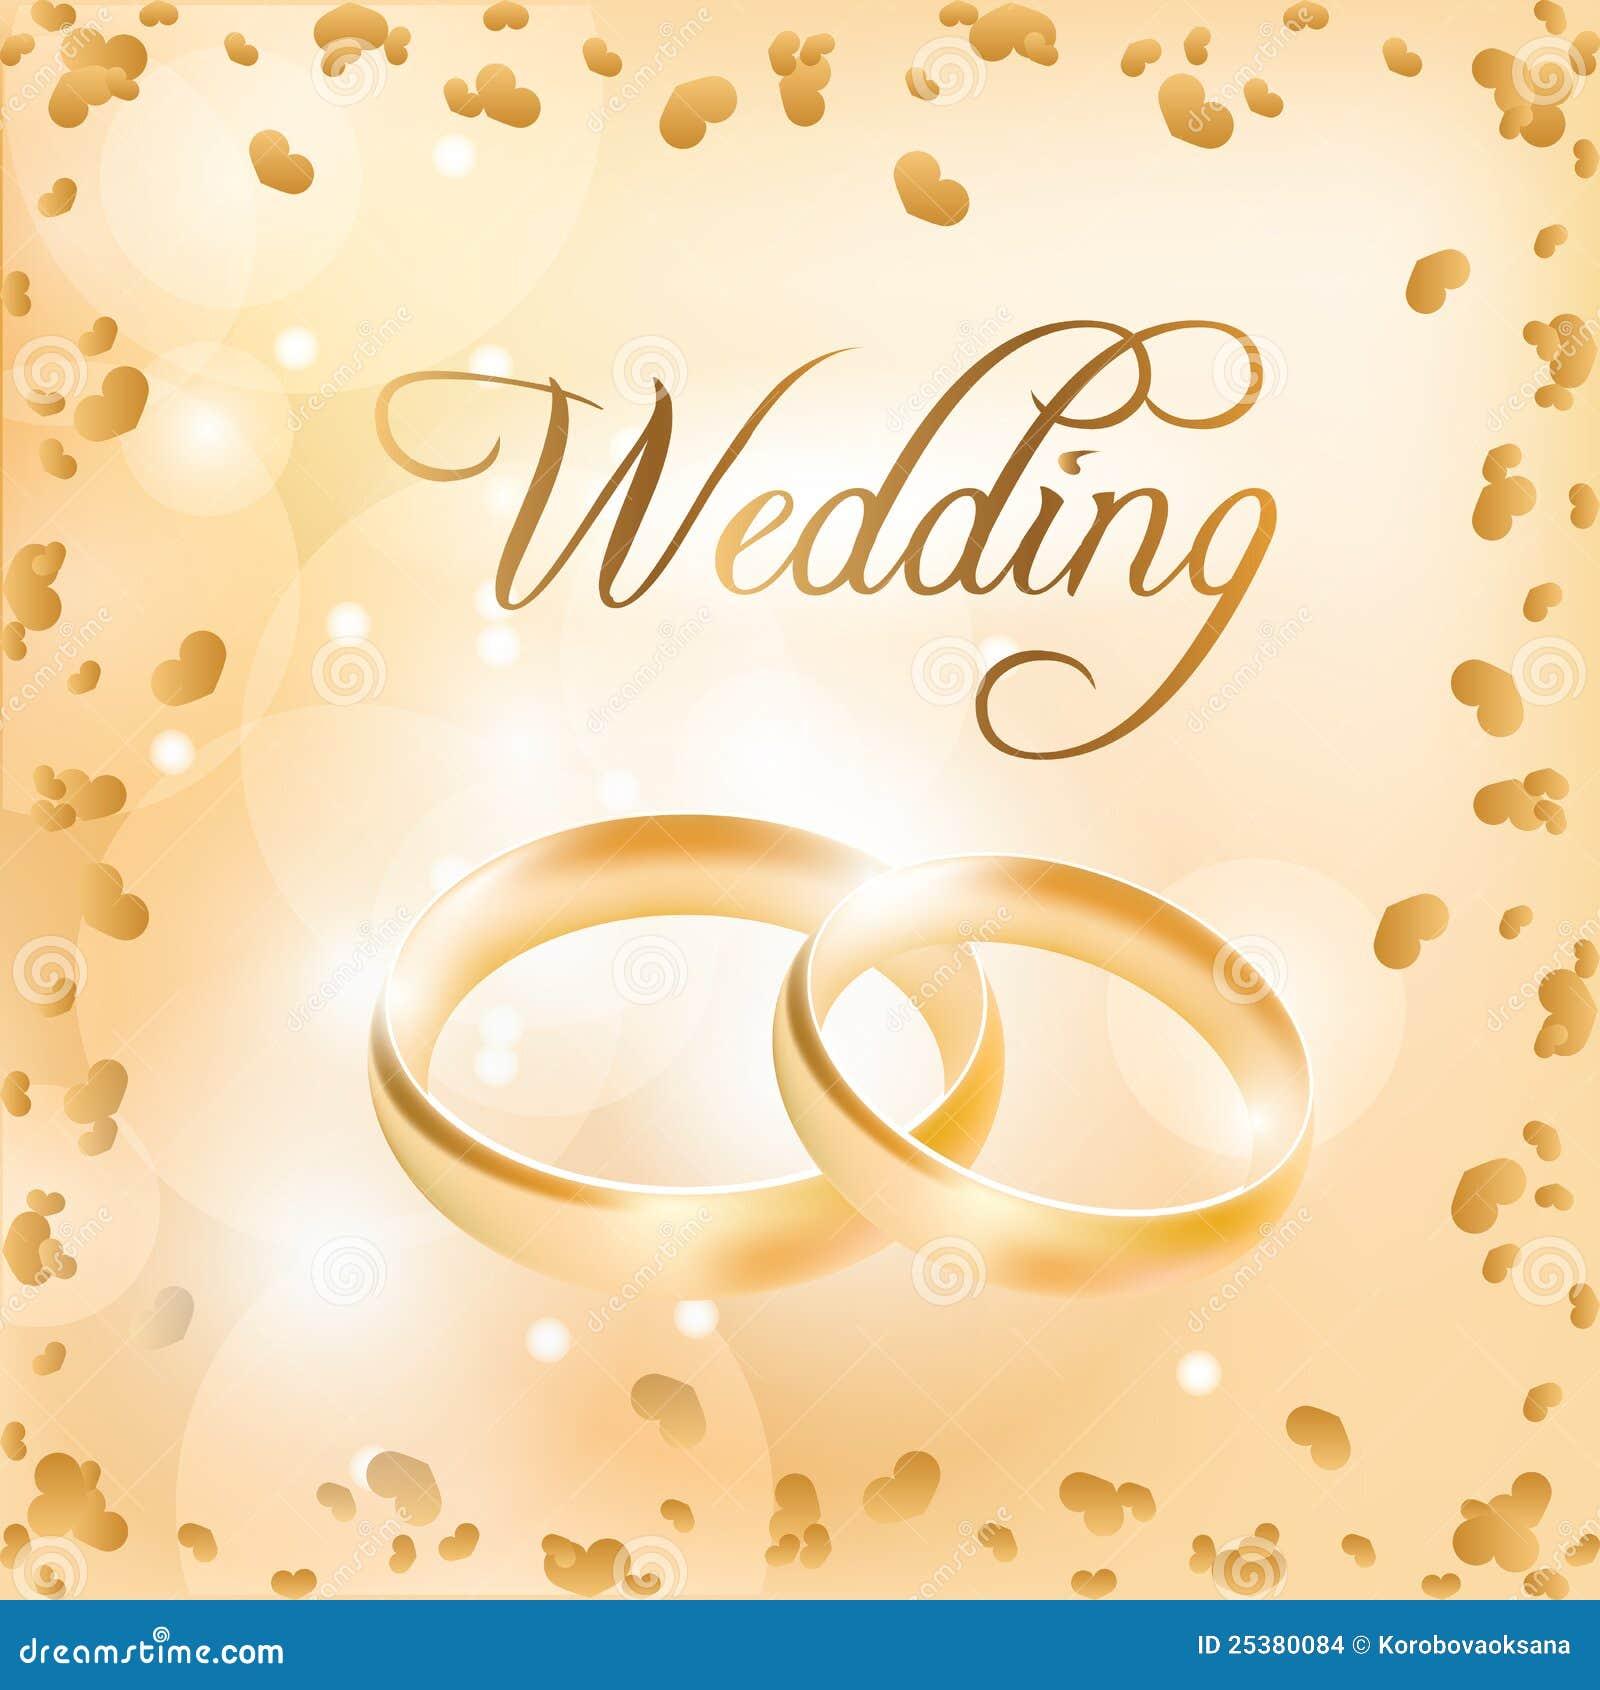 Hochzeitskarte Mit Hochzeitsringen Vektor Abbildung Illustration